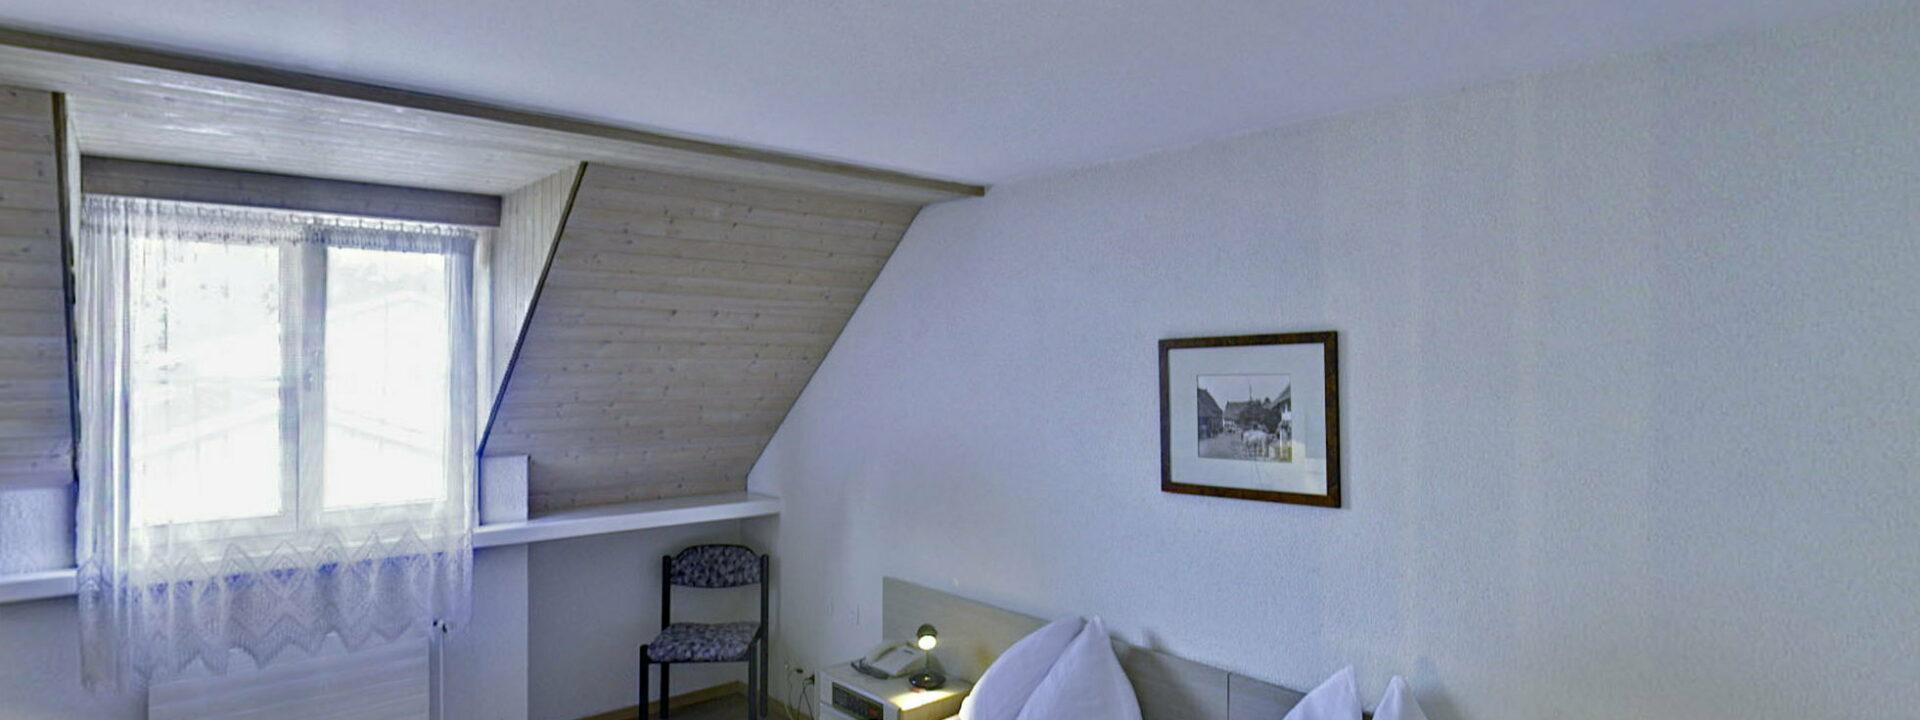 Hotel Central Laufen